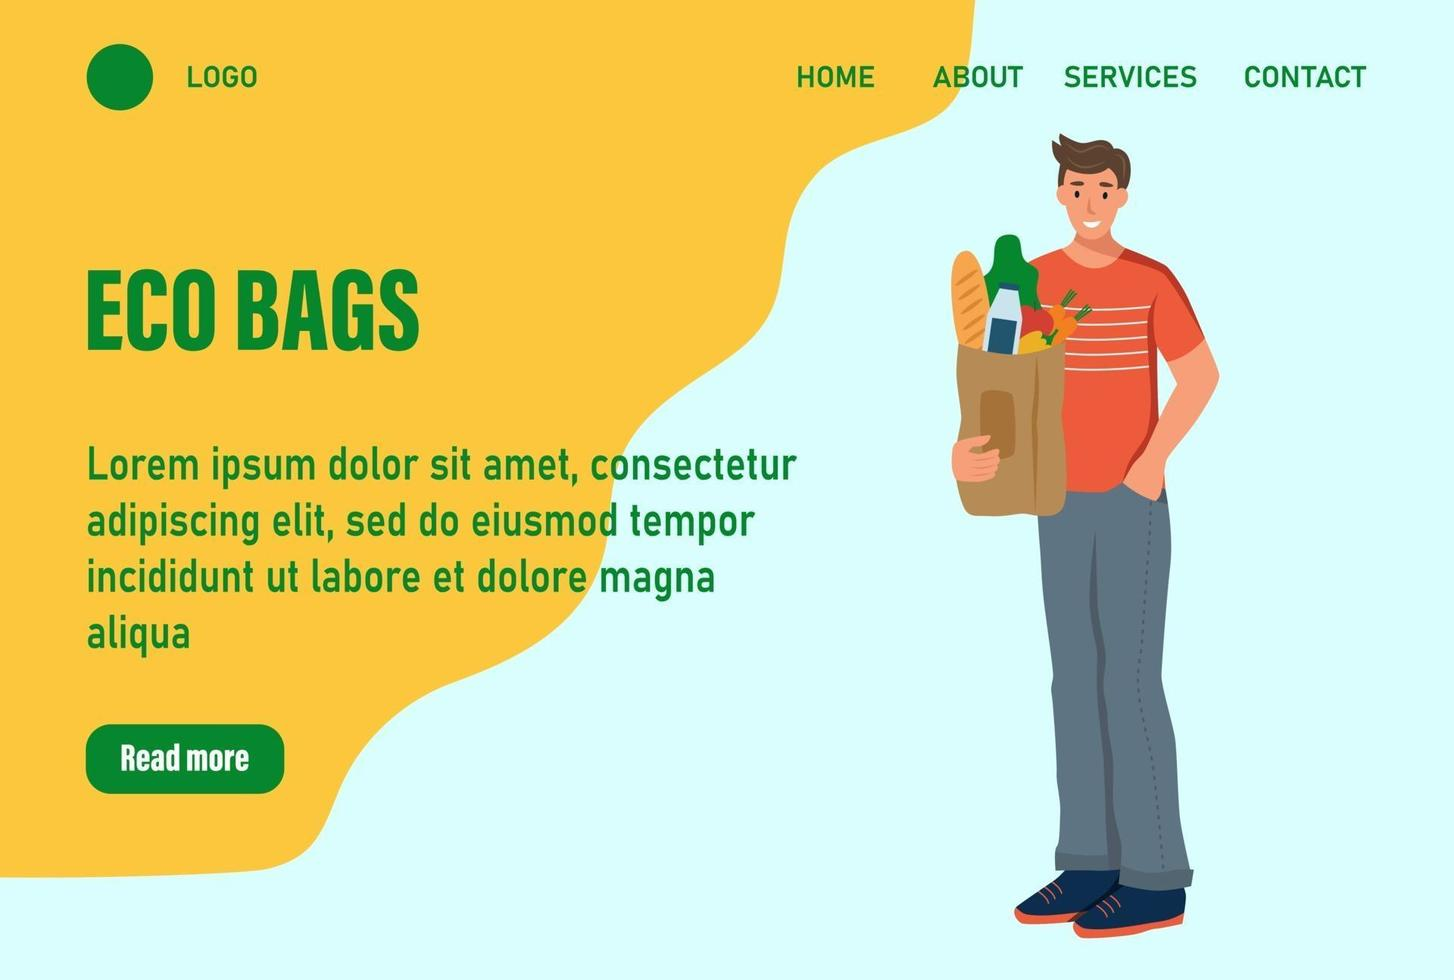 Ein Mann hält eine Tüte mit Landingpage für Lebensmittel. Konzept des Recyclings, der Ökologie, der Naturpflege. Website Homepage Landing Webseite template.vector Illustration vektor